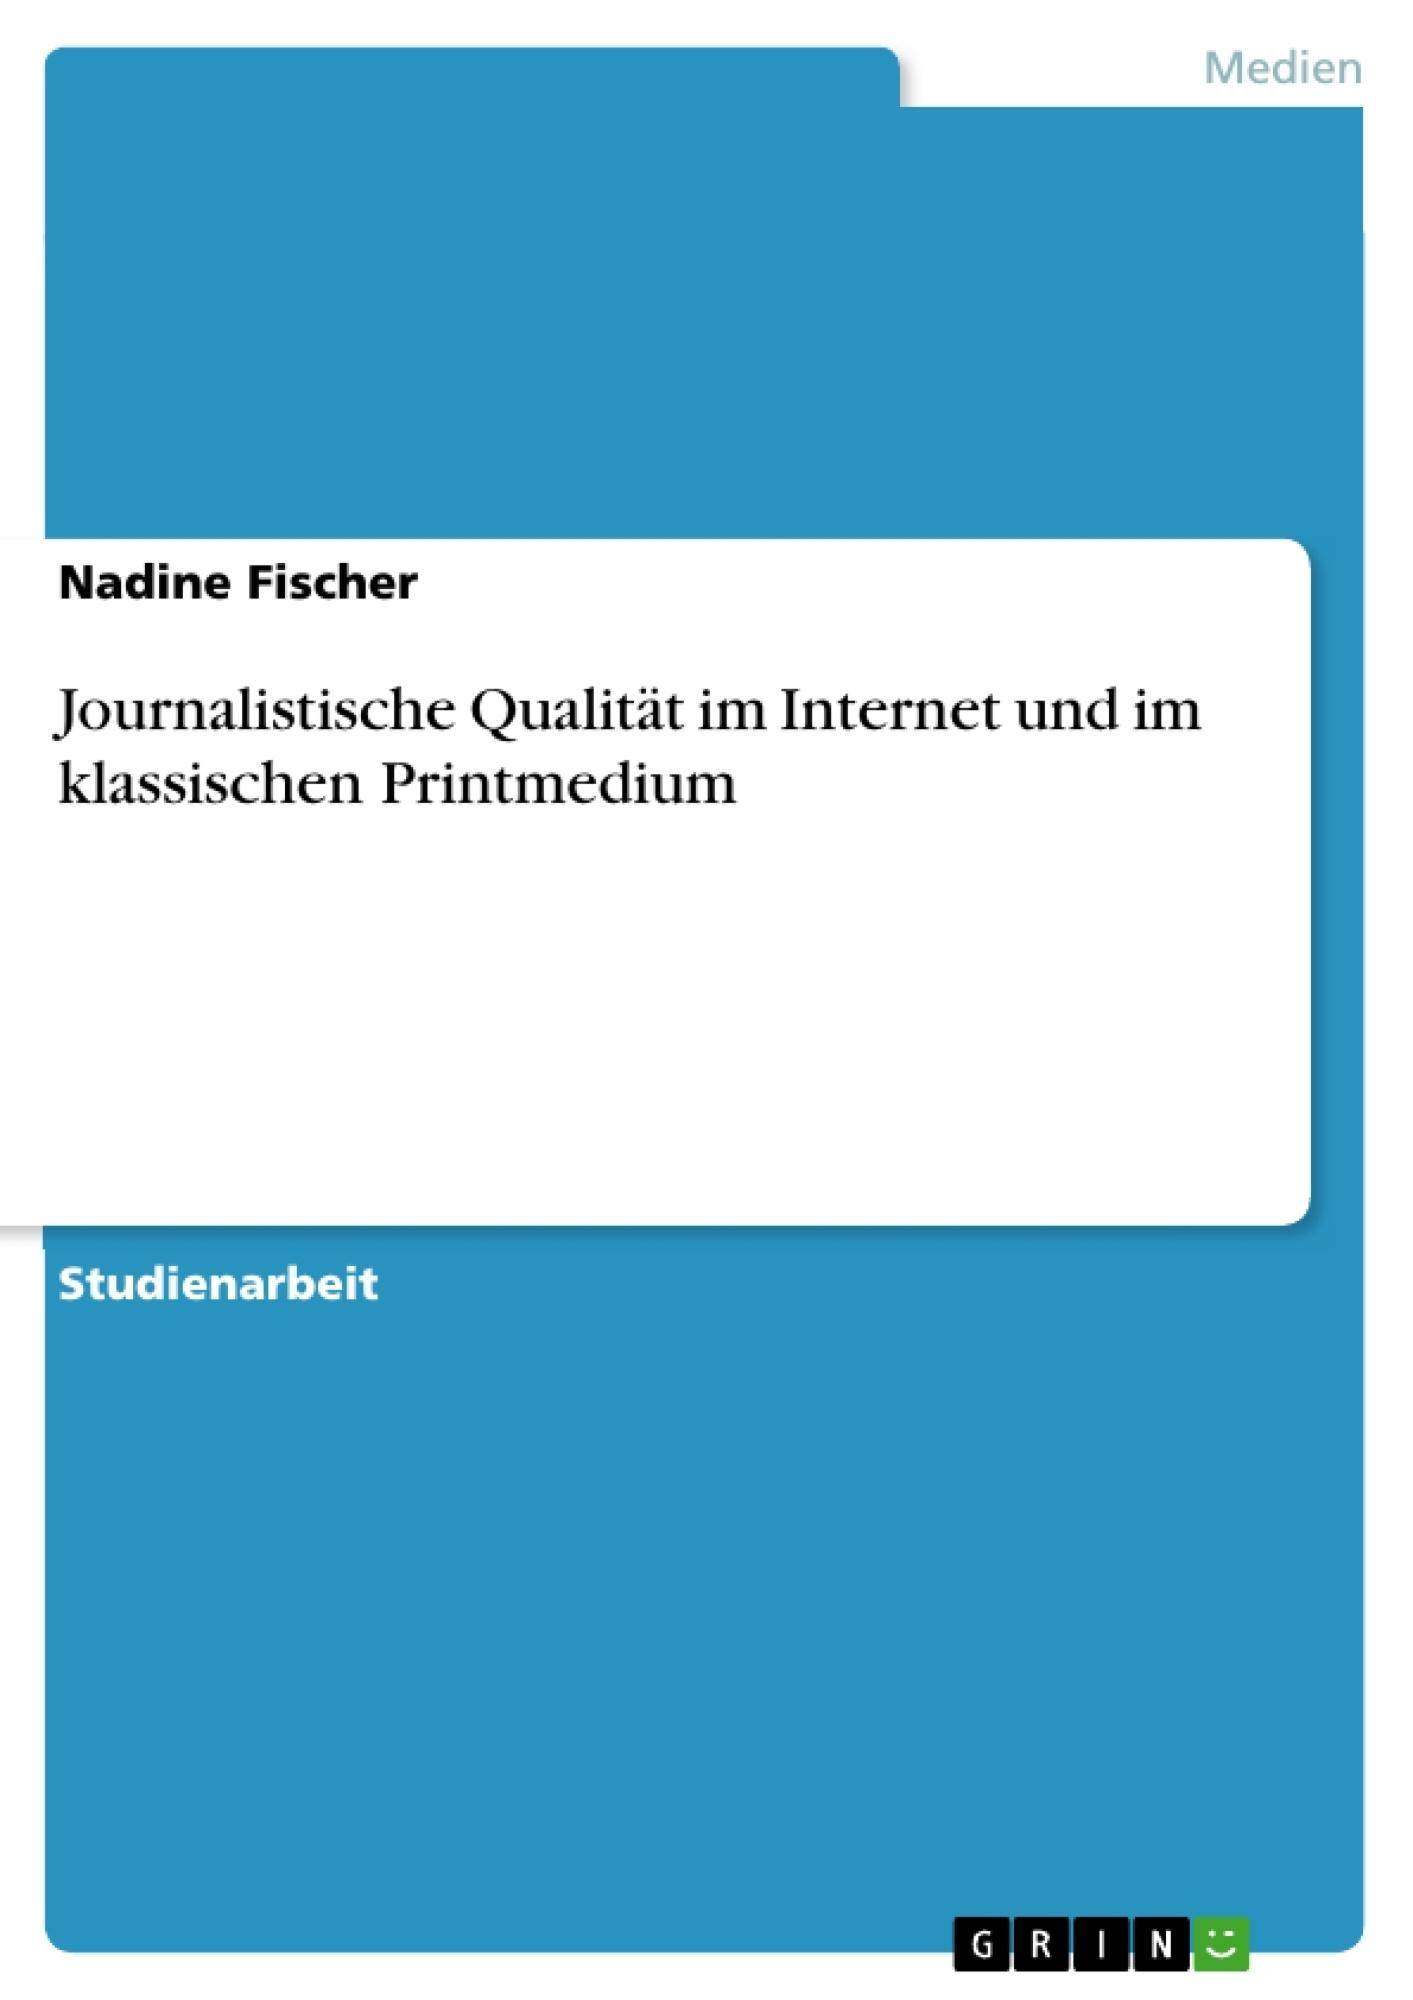 Titel: Journalistische Qualität im Internet und im klassischen Printmedium